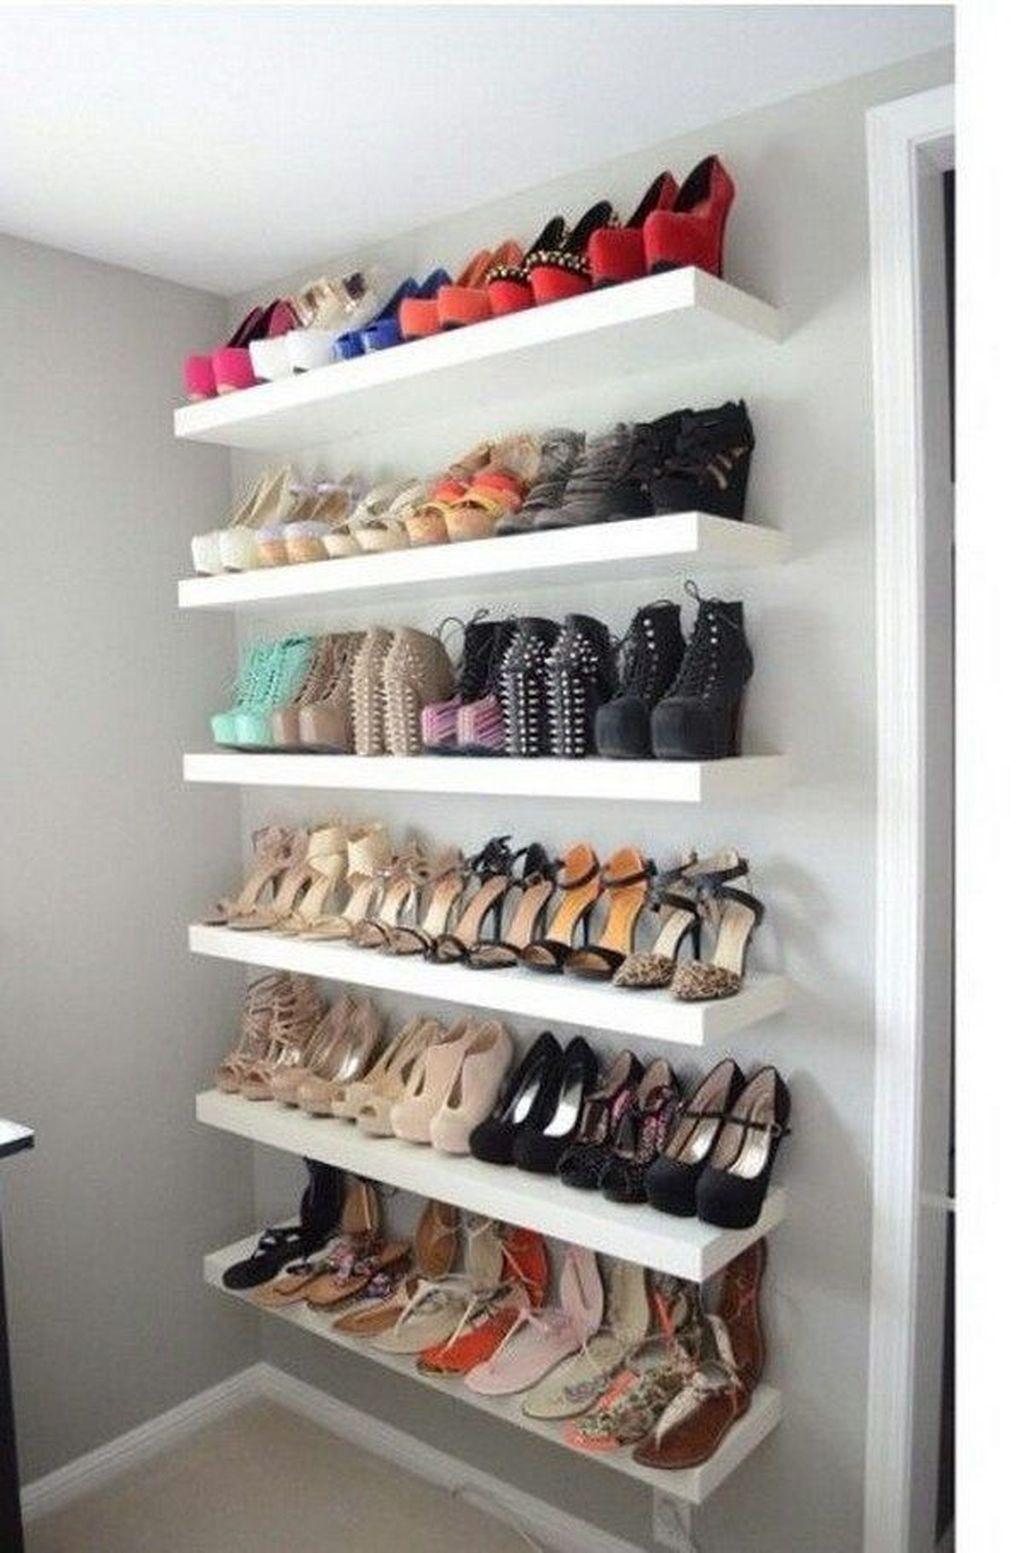 46 Creative Shoe Storage Ideas On A Budget – decoomo.com